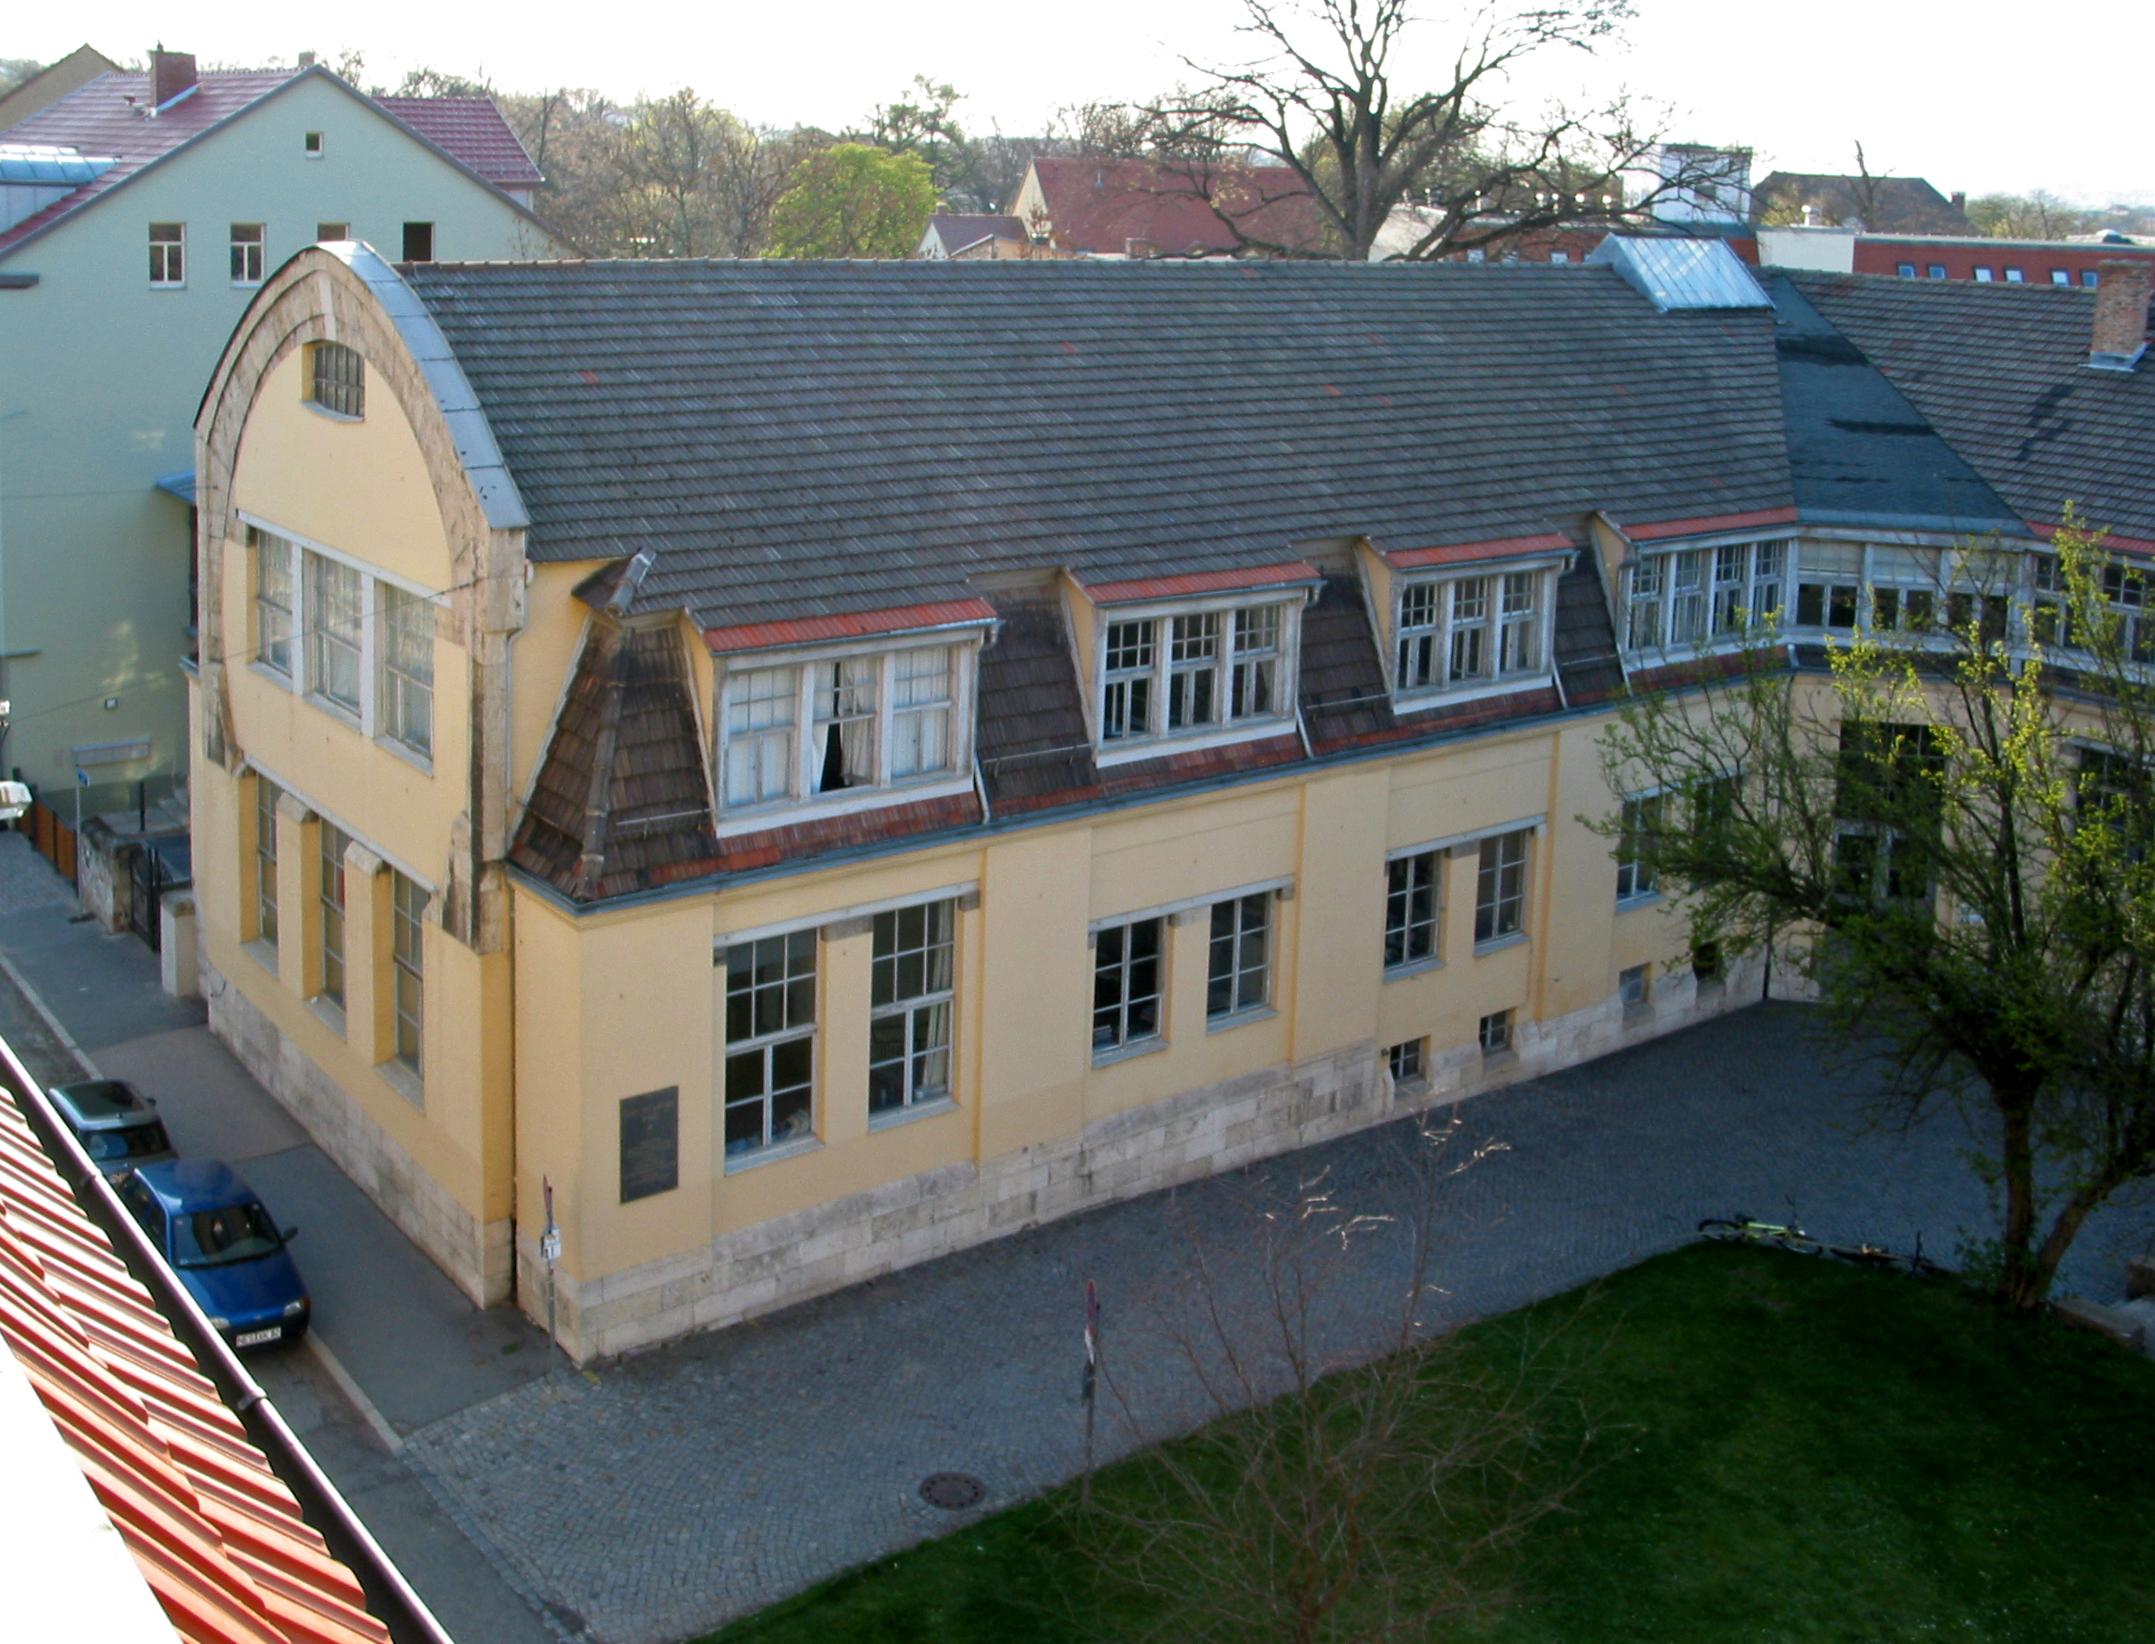 File:Van-de-Velde-Bau in Weimar (Draufsicht).jpg - Wikimedia Commons